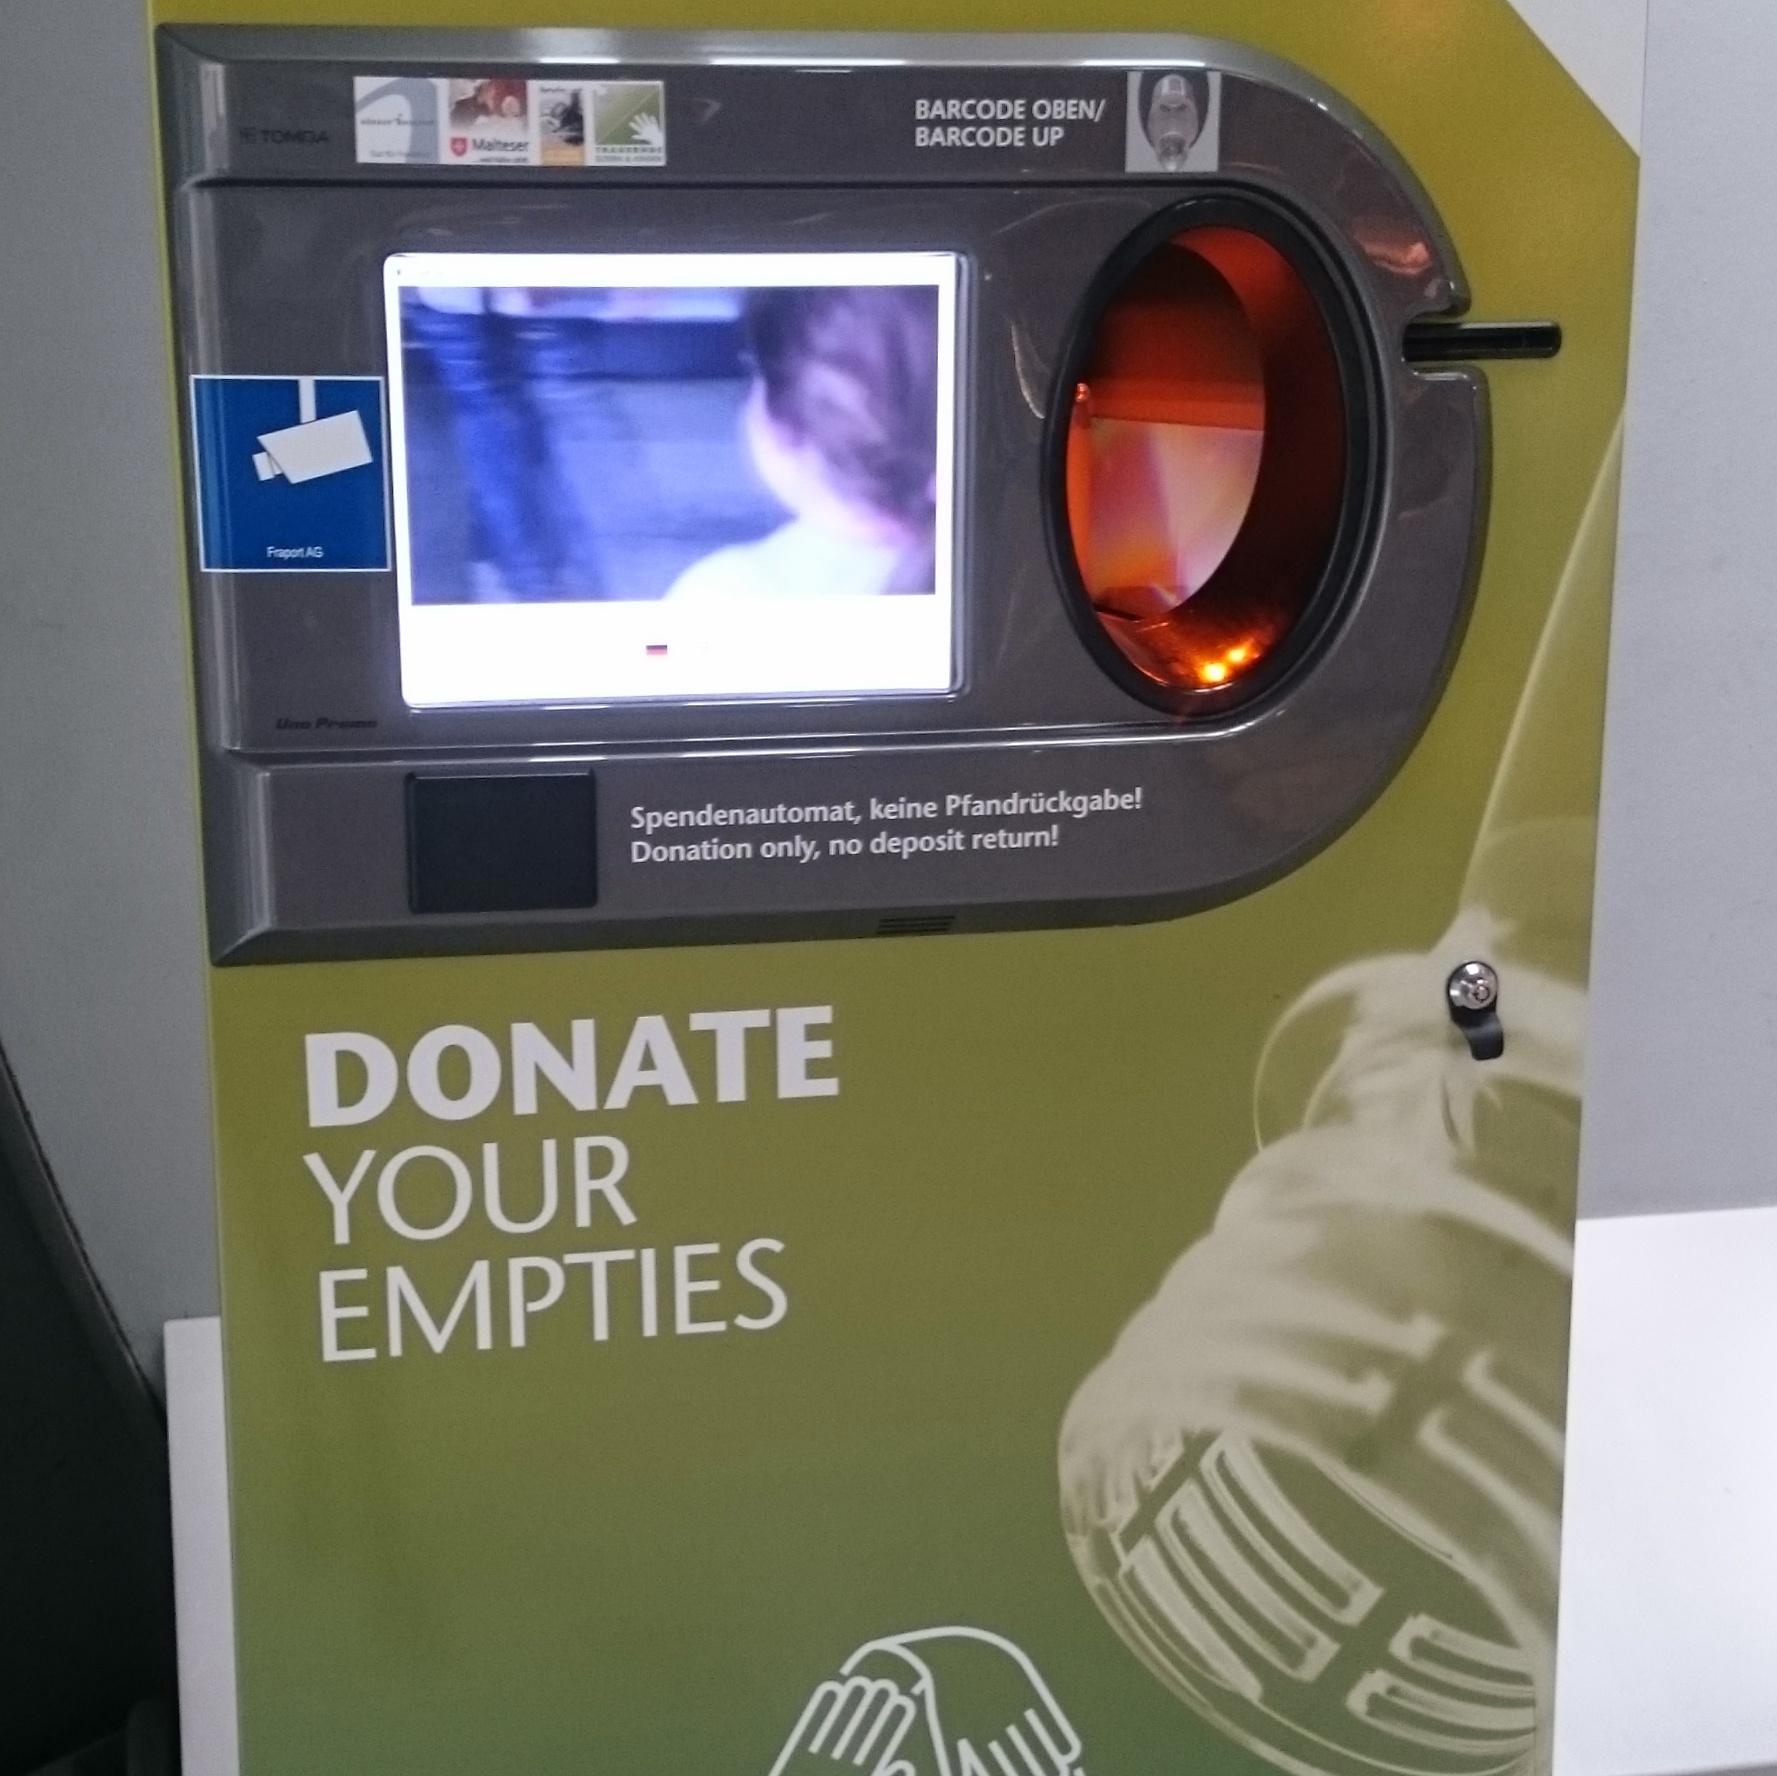 Flaschenautomat zum Pfand spenden am Frankfurter Flughafen